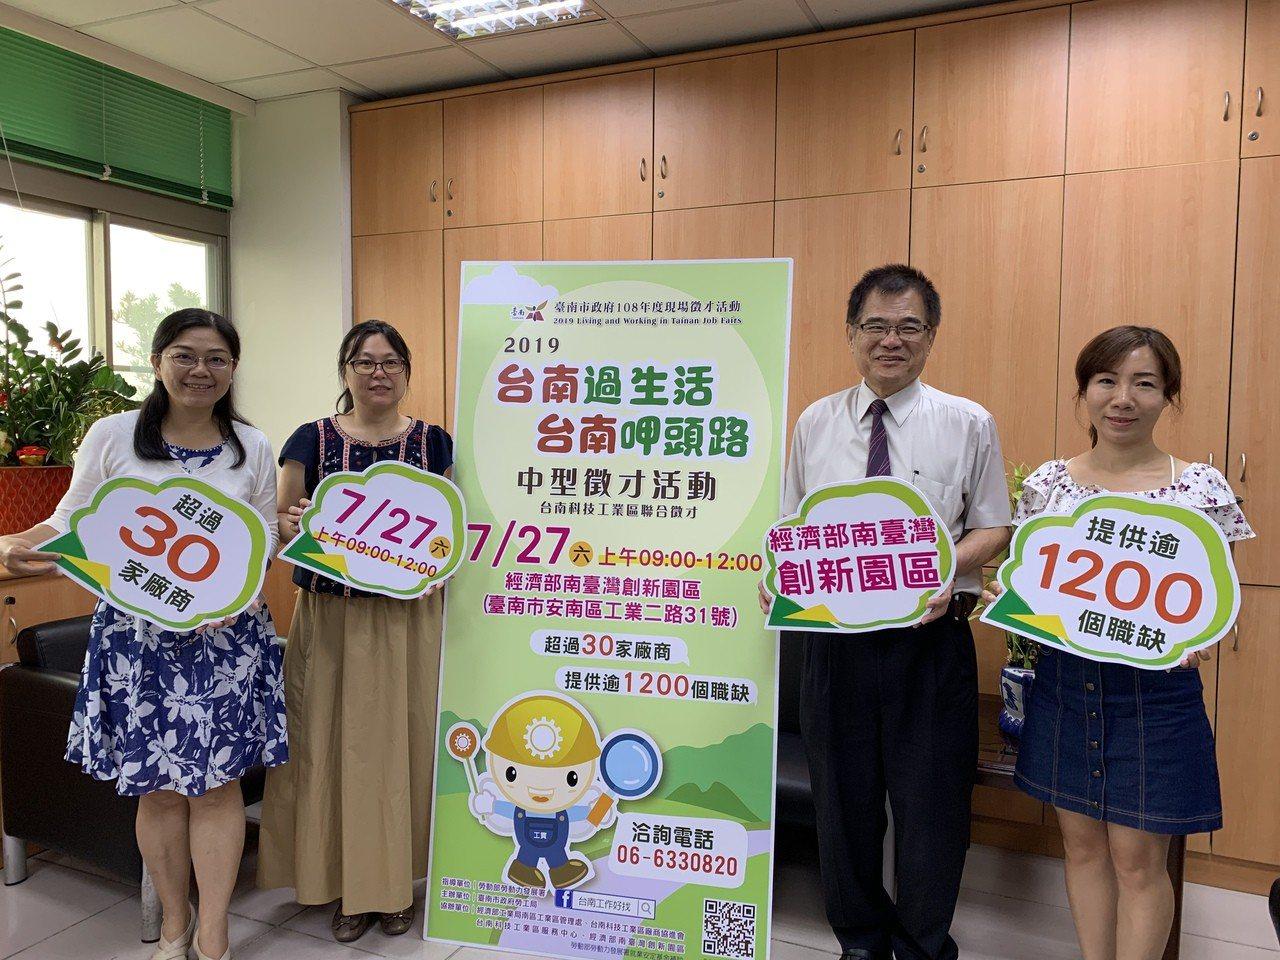 暑假求職旺季,台南市勞工局將舉辦第二場中型就業博覽會。記者吳淑玲/攝影